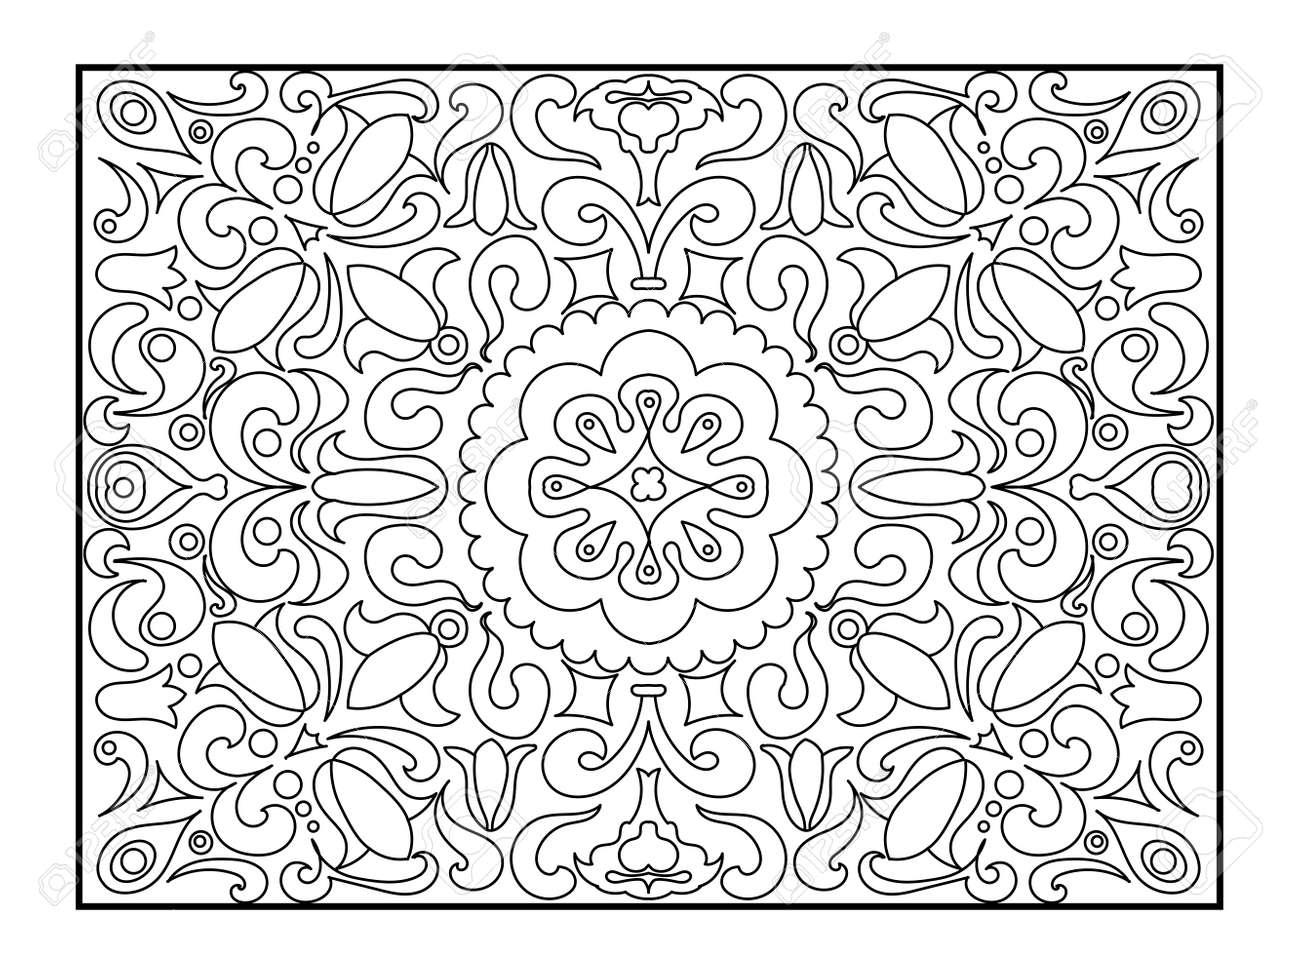 Alfombra De Libro Para Colorear Para Los Adultos Ilustración Antiestrés Colorear Para Adultos Estilo Líneas Blancas Y Negras Modelo Del Cordón